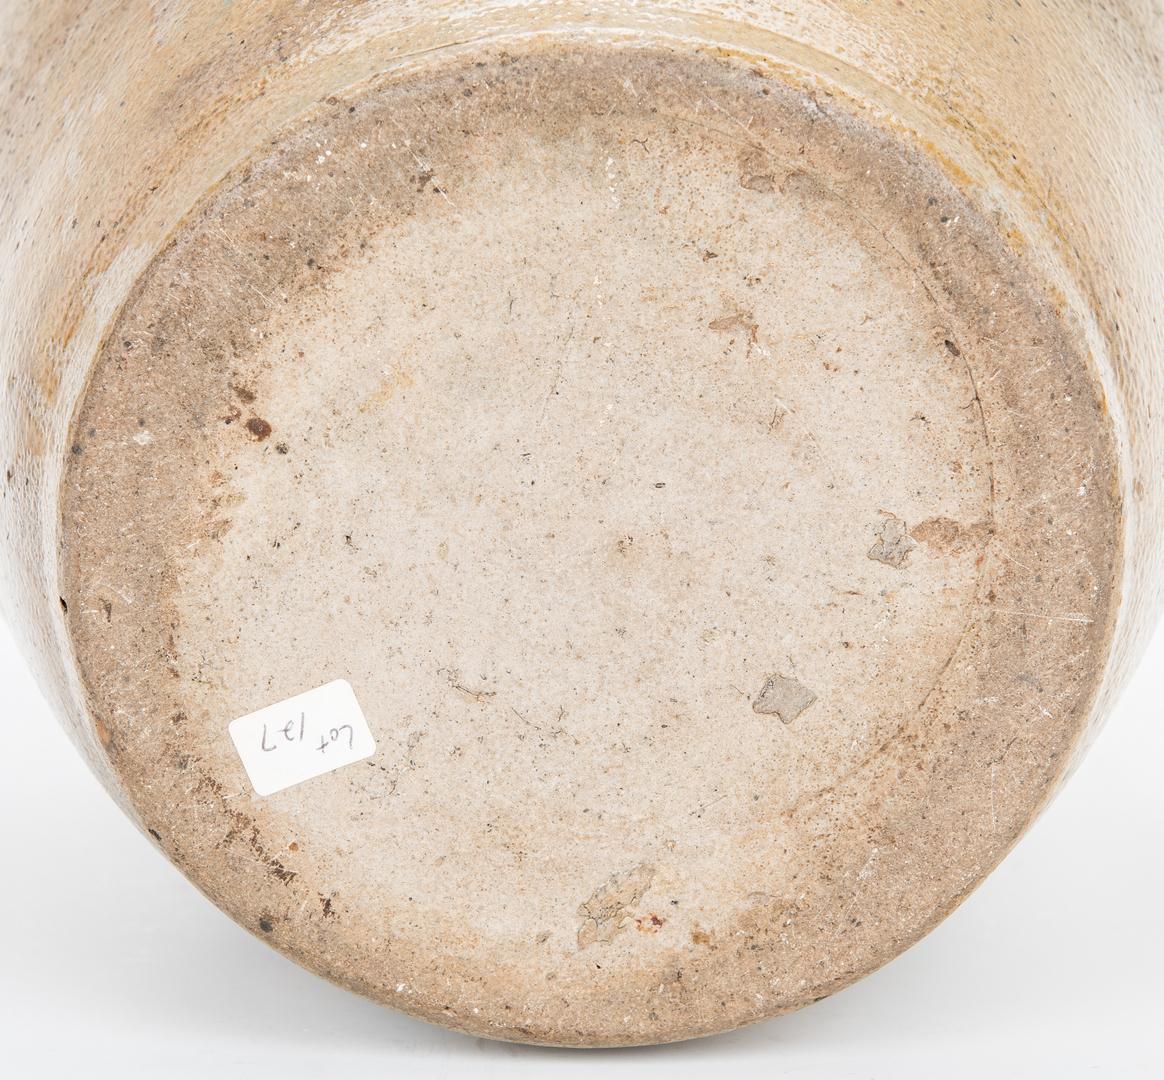 Lot 183: 2 NC Enoch Craven Stoneware Pottery Storage Jars